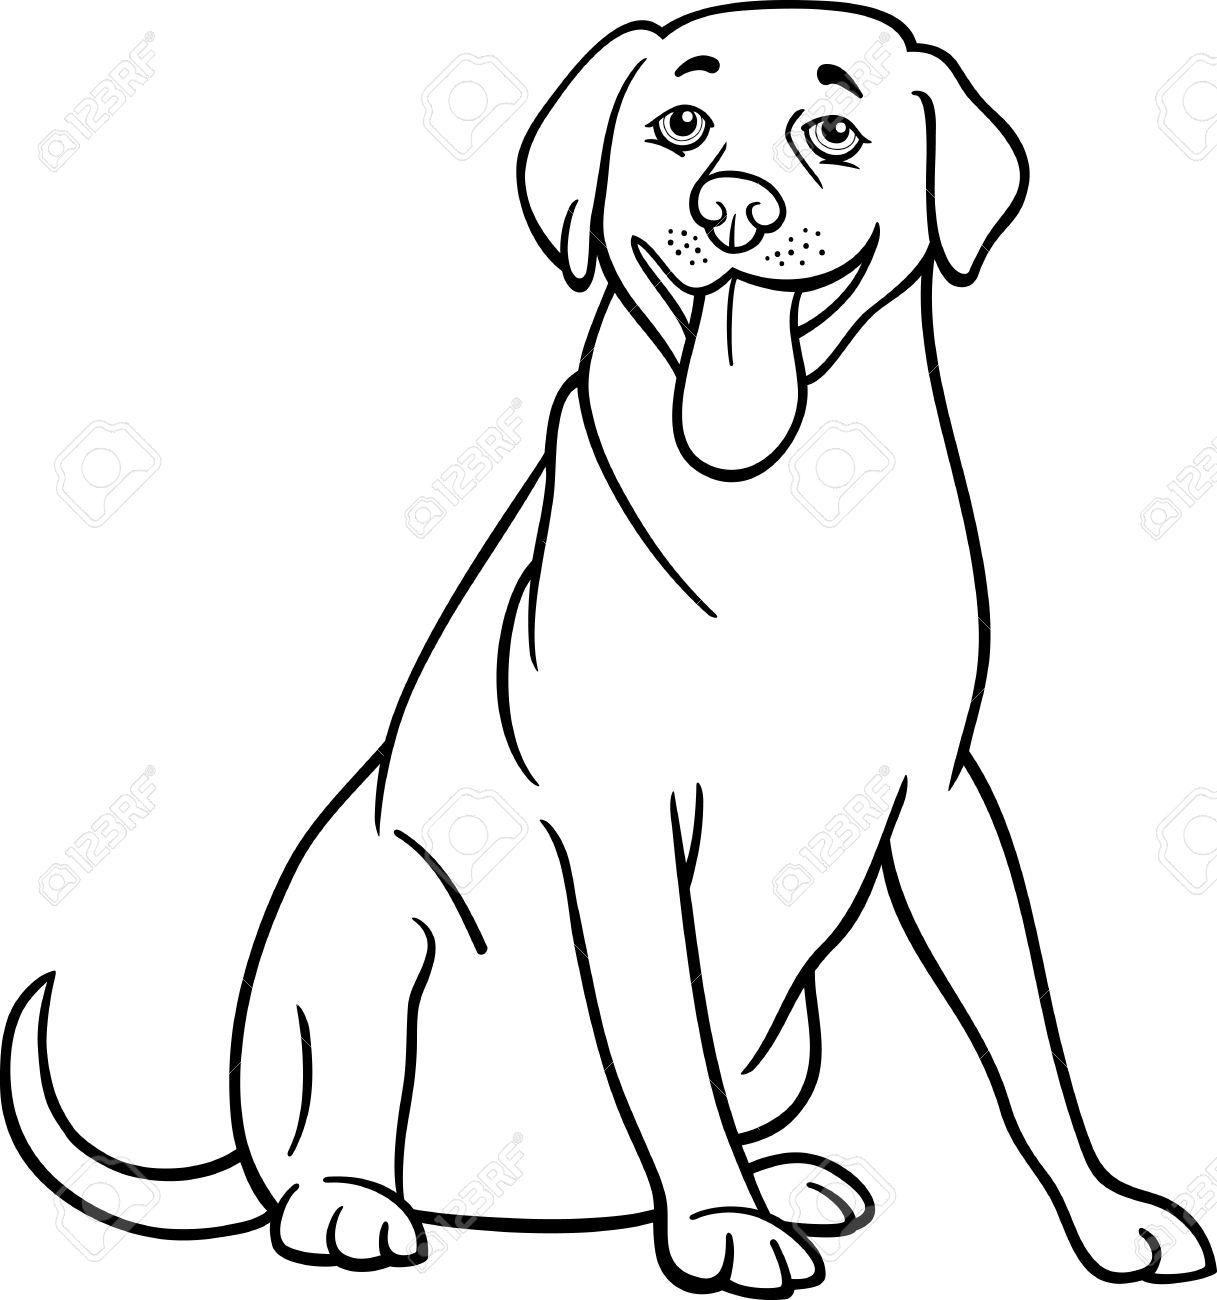 1217x1300 Black And White Cartoon Illustration Of Funny Labrador Retriever